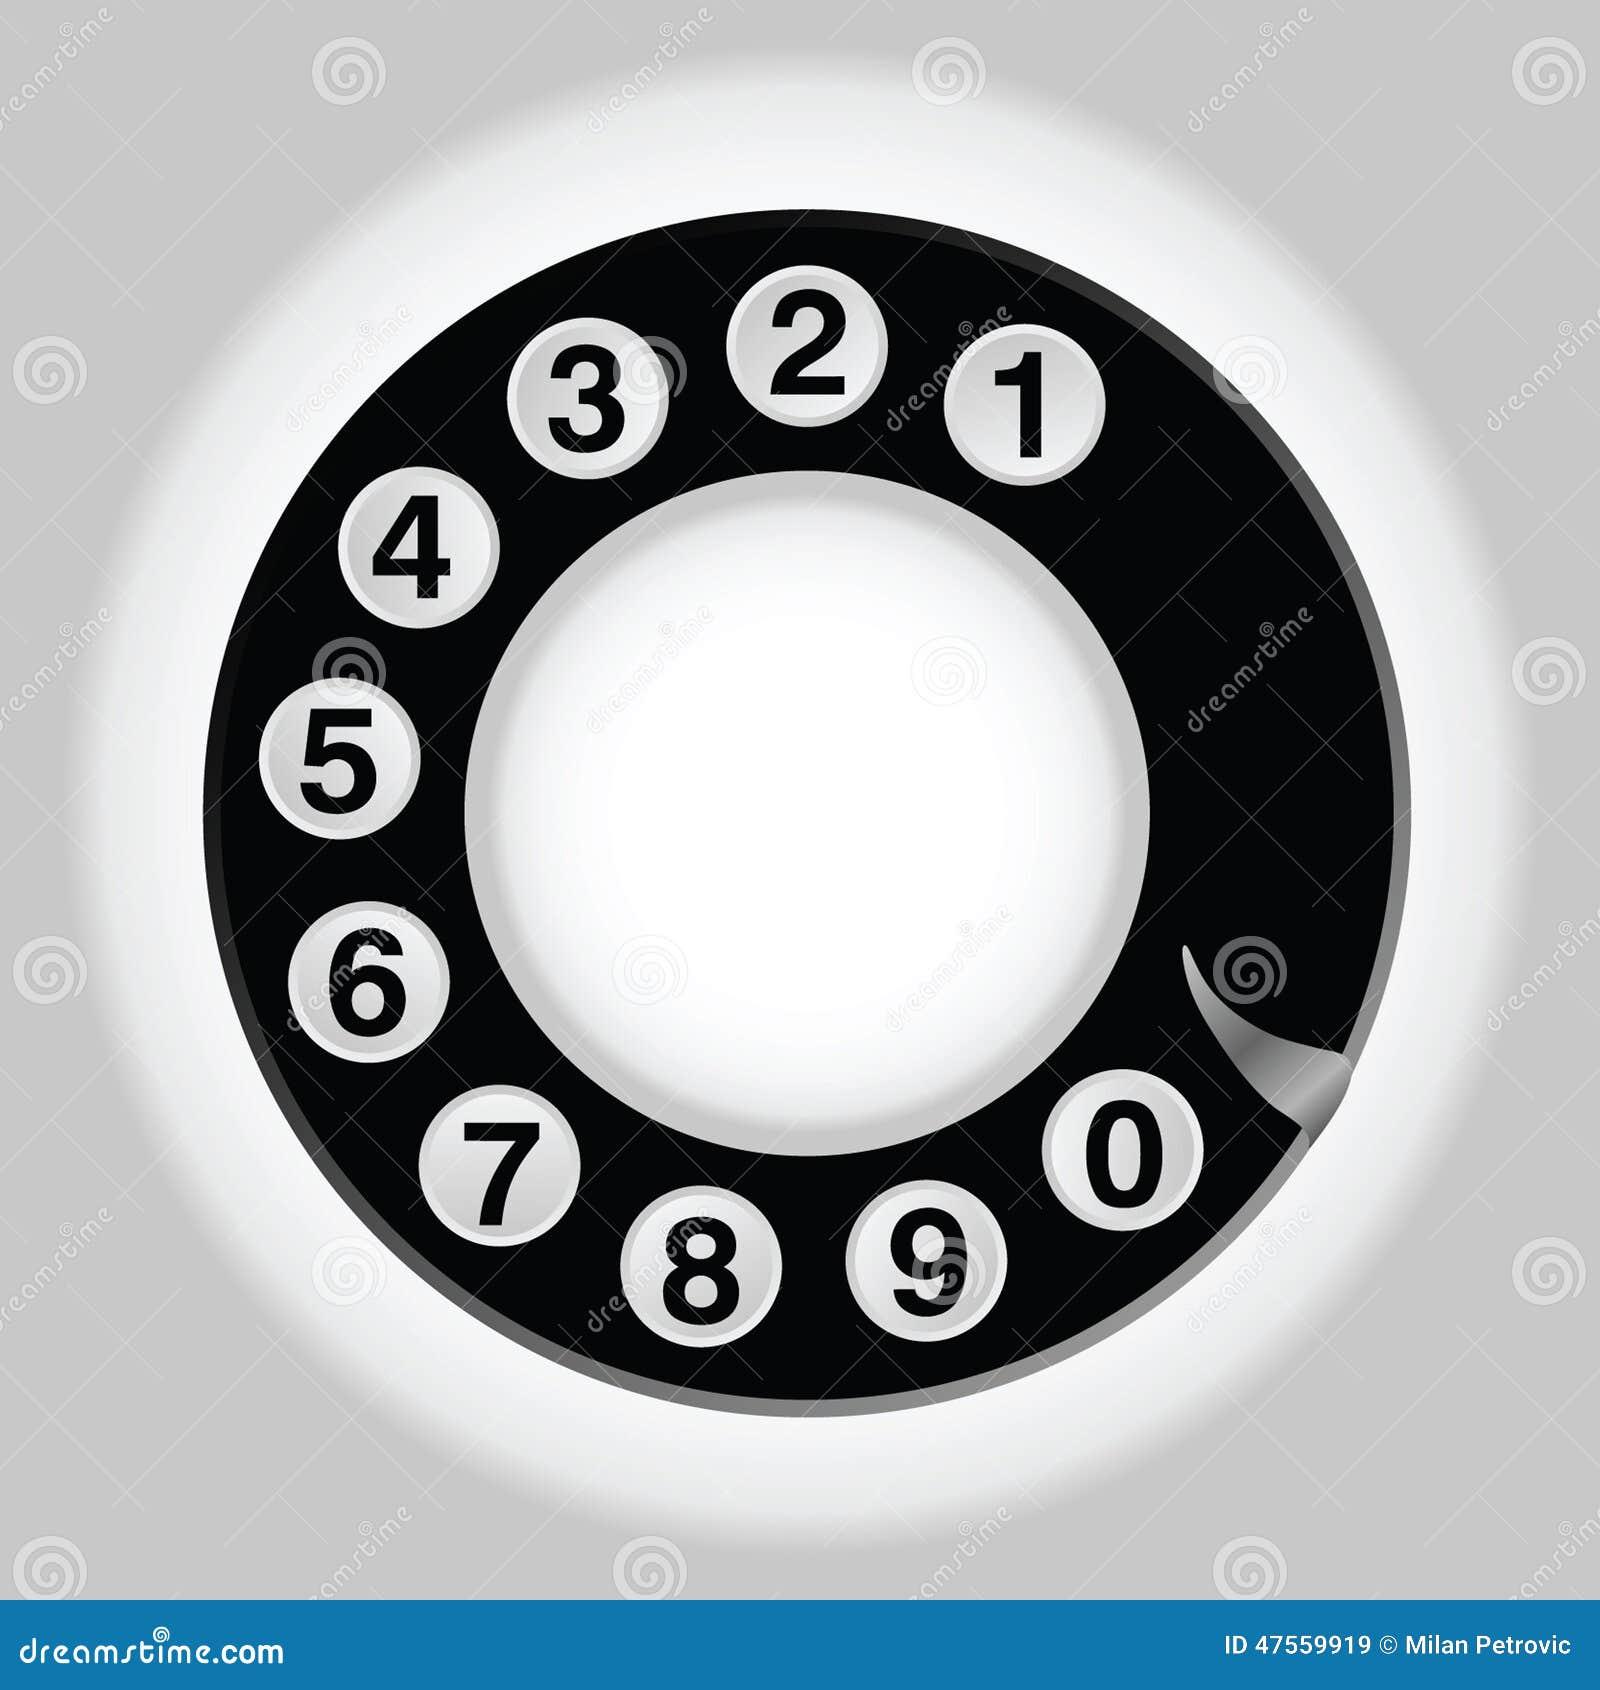 Numero di telefono nel vecchio telephon del cerchio - Numero di telefono piscina ortacesus ...